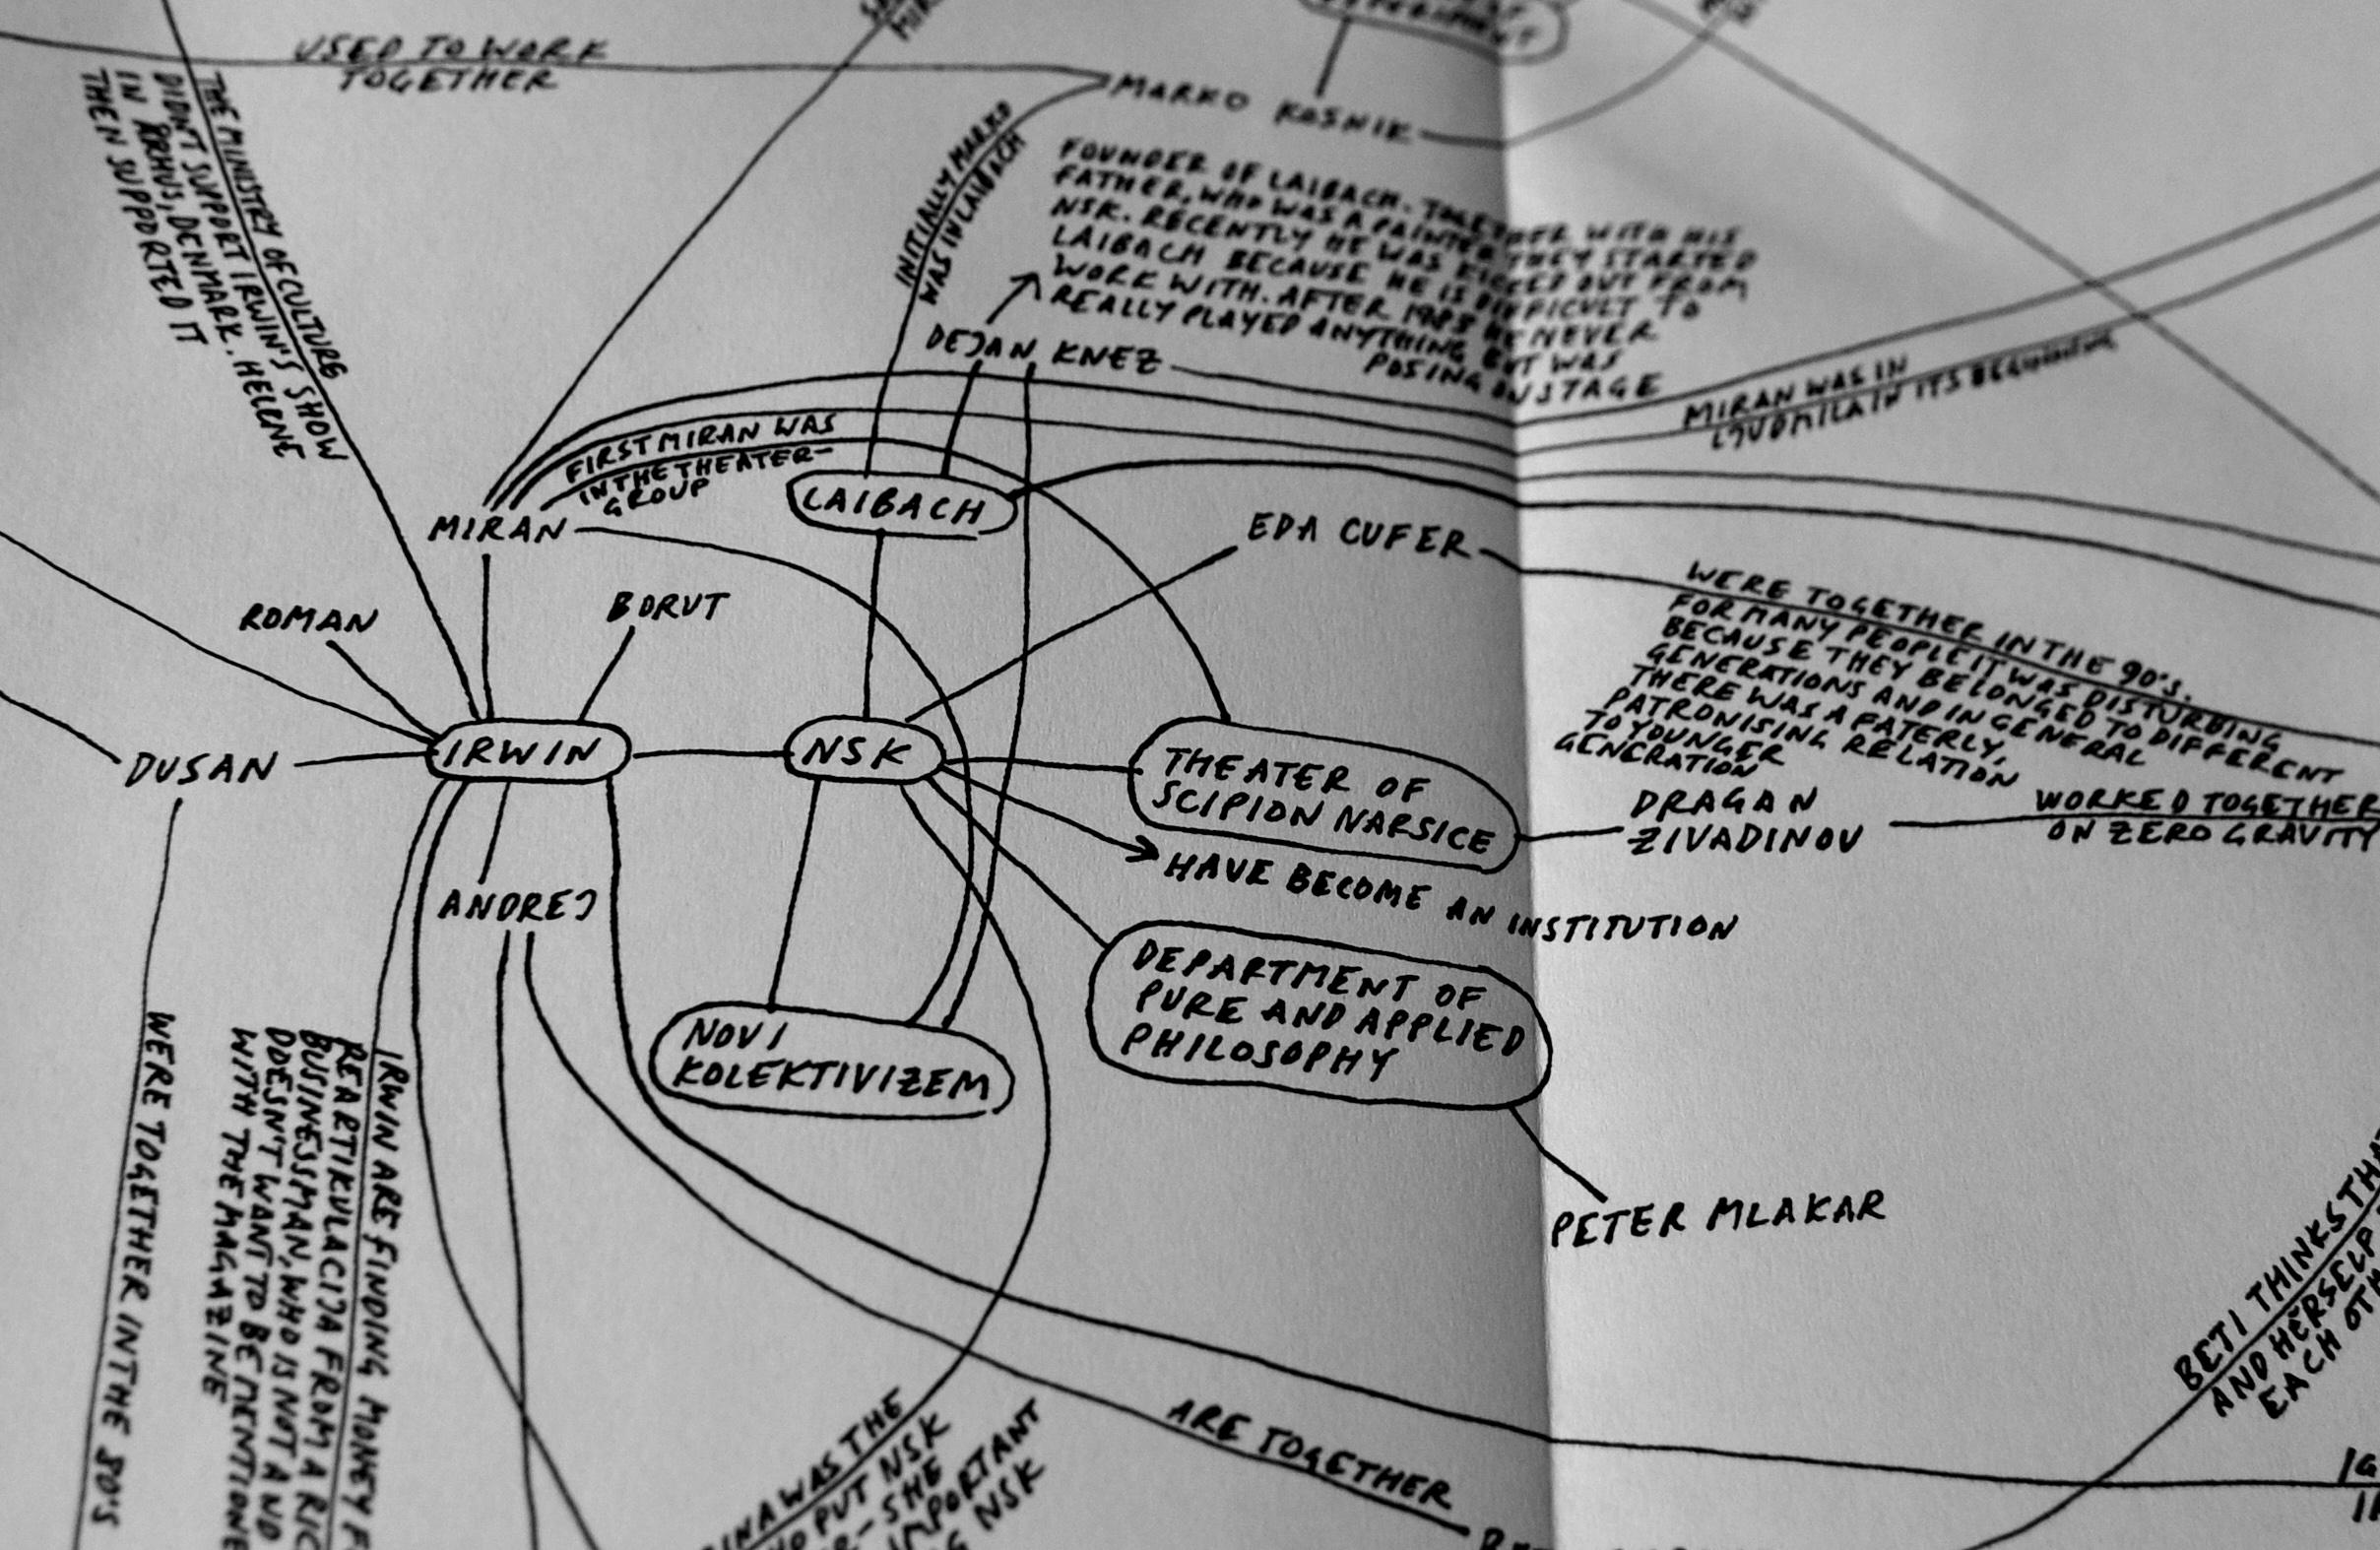 Mape 2005-2009. Katalog sa tekstovima i mapama,  detalj mape iz Ljubljane, Minna L. Henriksson, 2011.